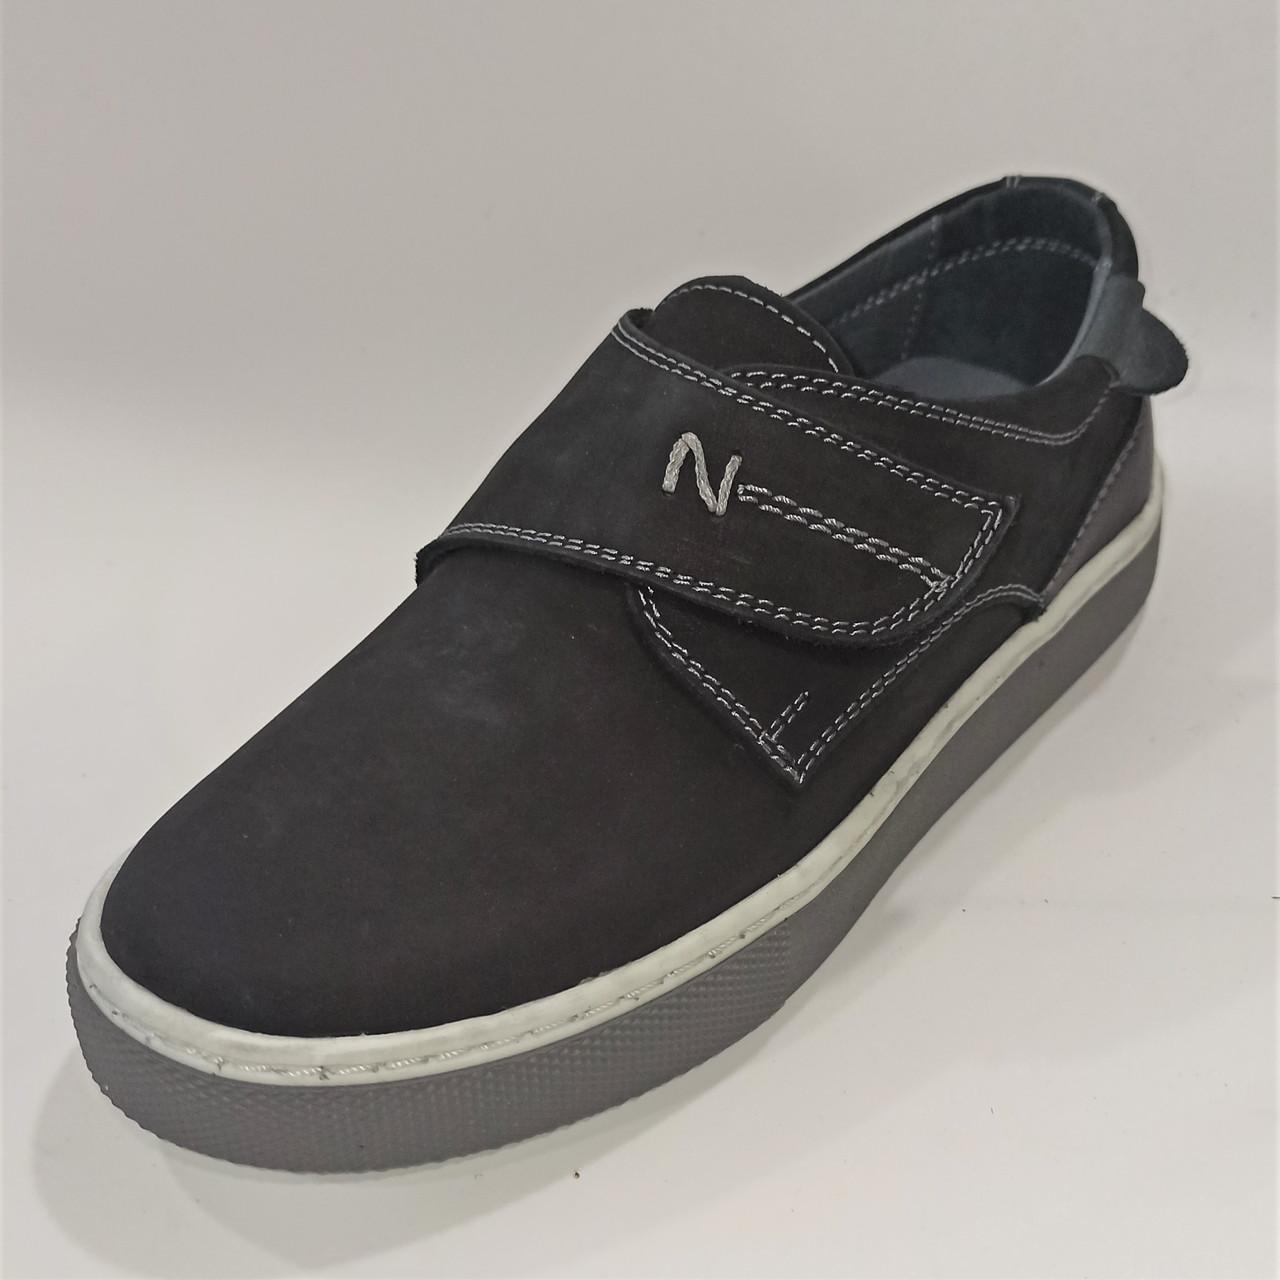 Туфлі для хлопчика в школу на липучці, LC Kids (код 1305) розміри: 28-31